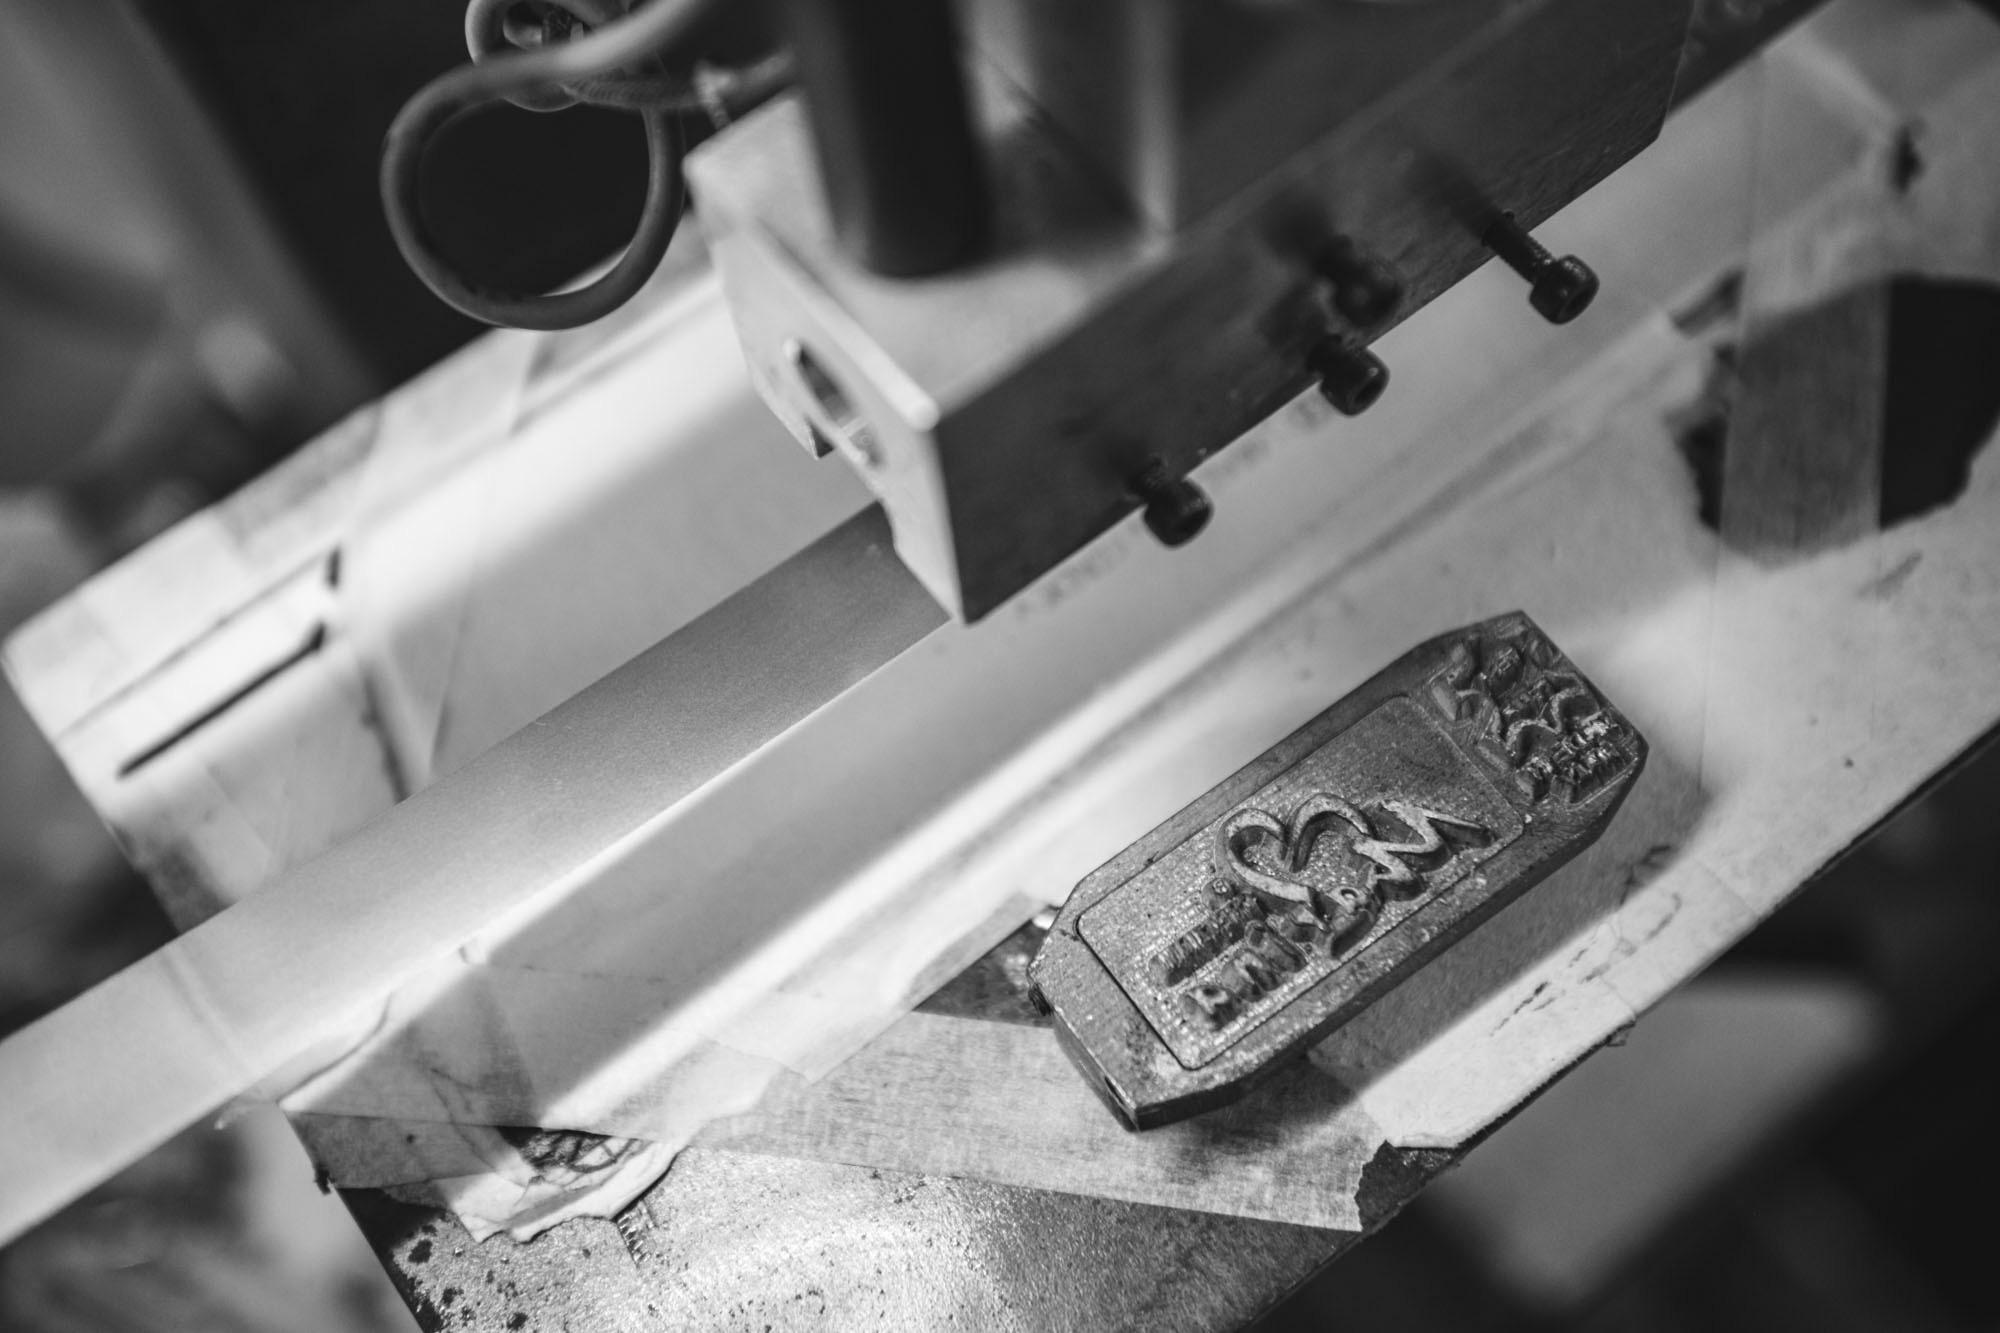 DSC 0956 - Printing techniques